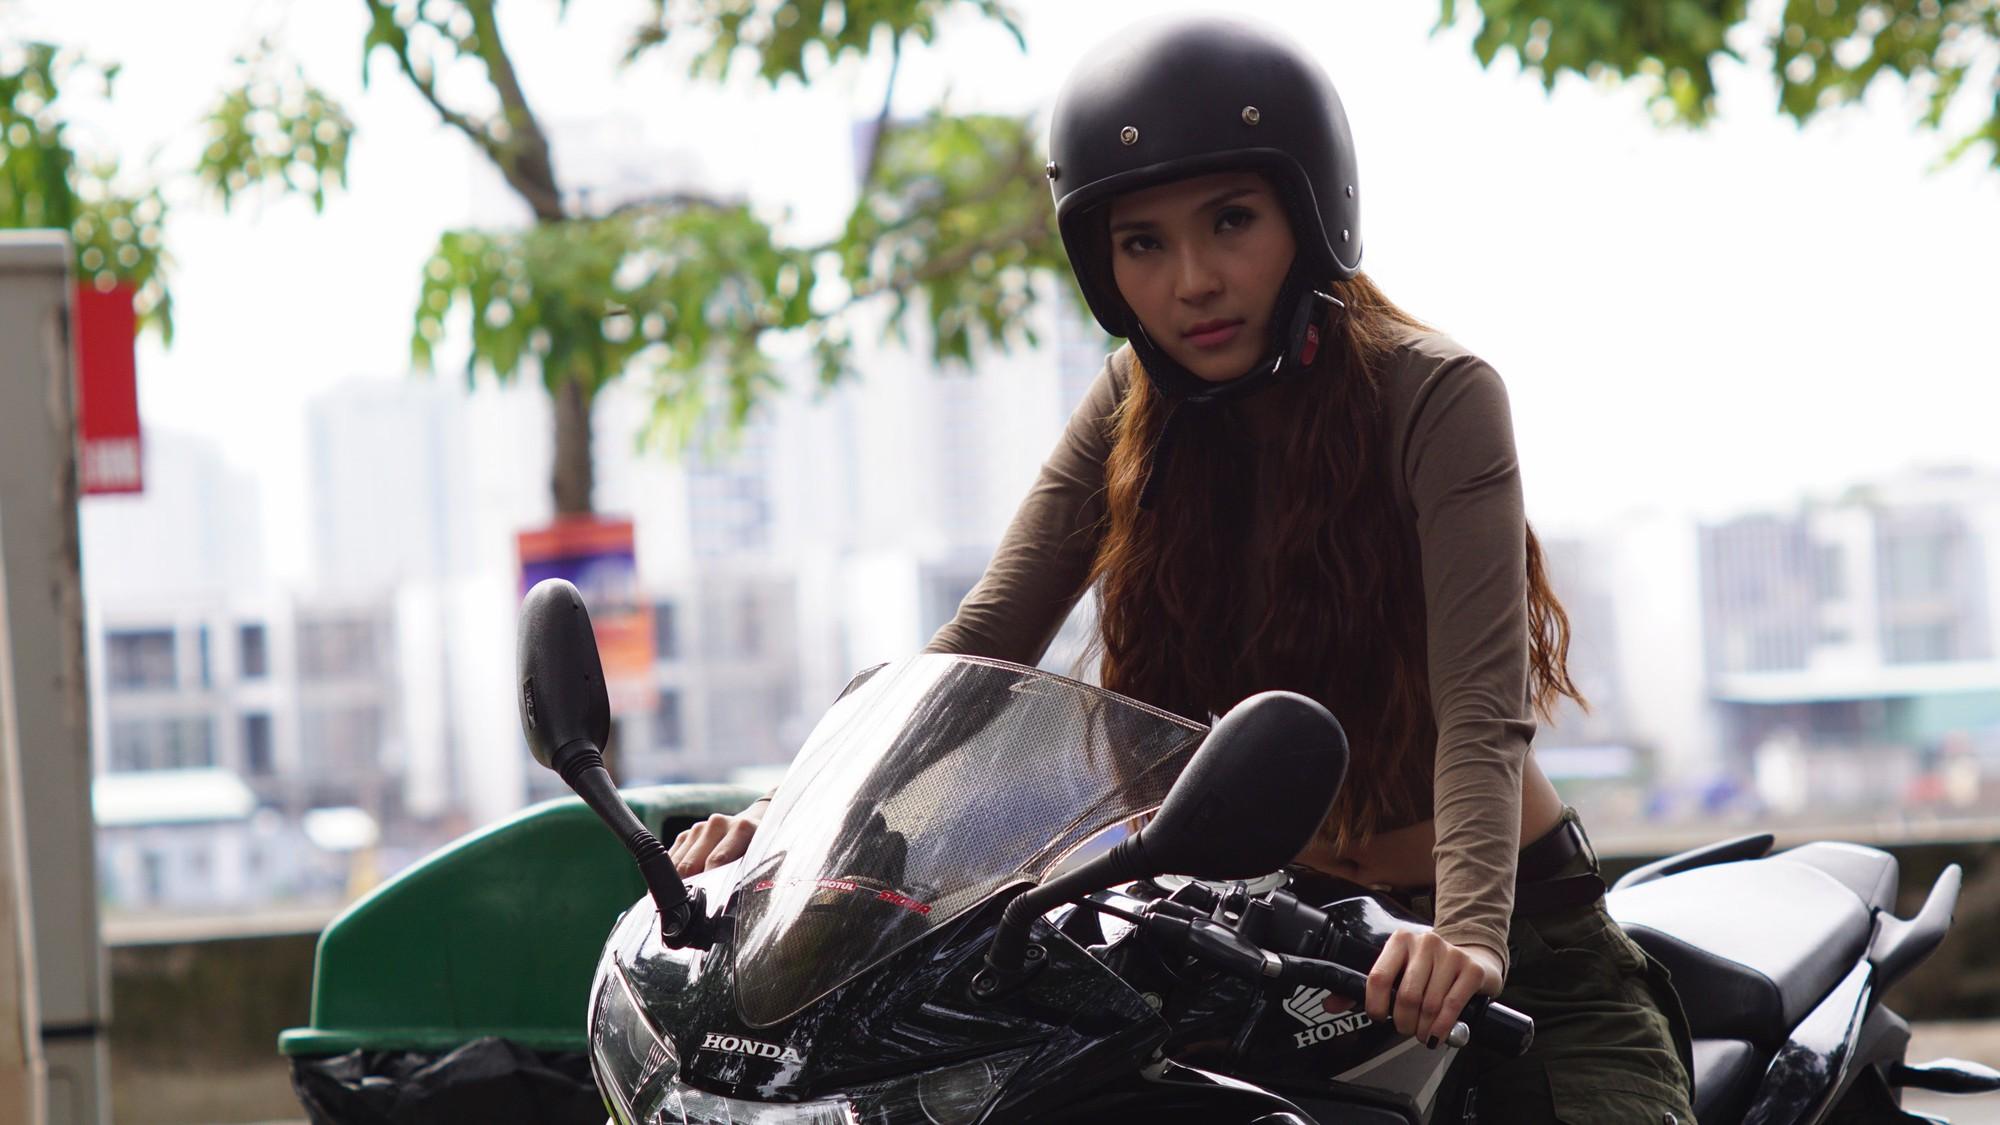 Điểm mặt 4 bà trùm phim Việt độc – lạ – chất từng khiến khán giả phải hết hồn! - Ảnh 5.